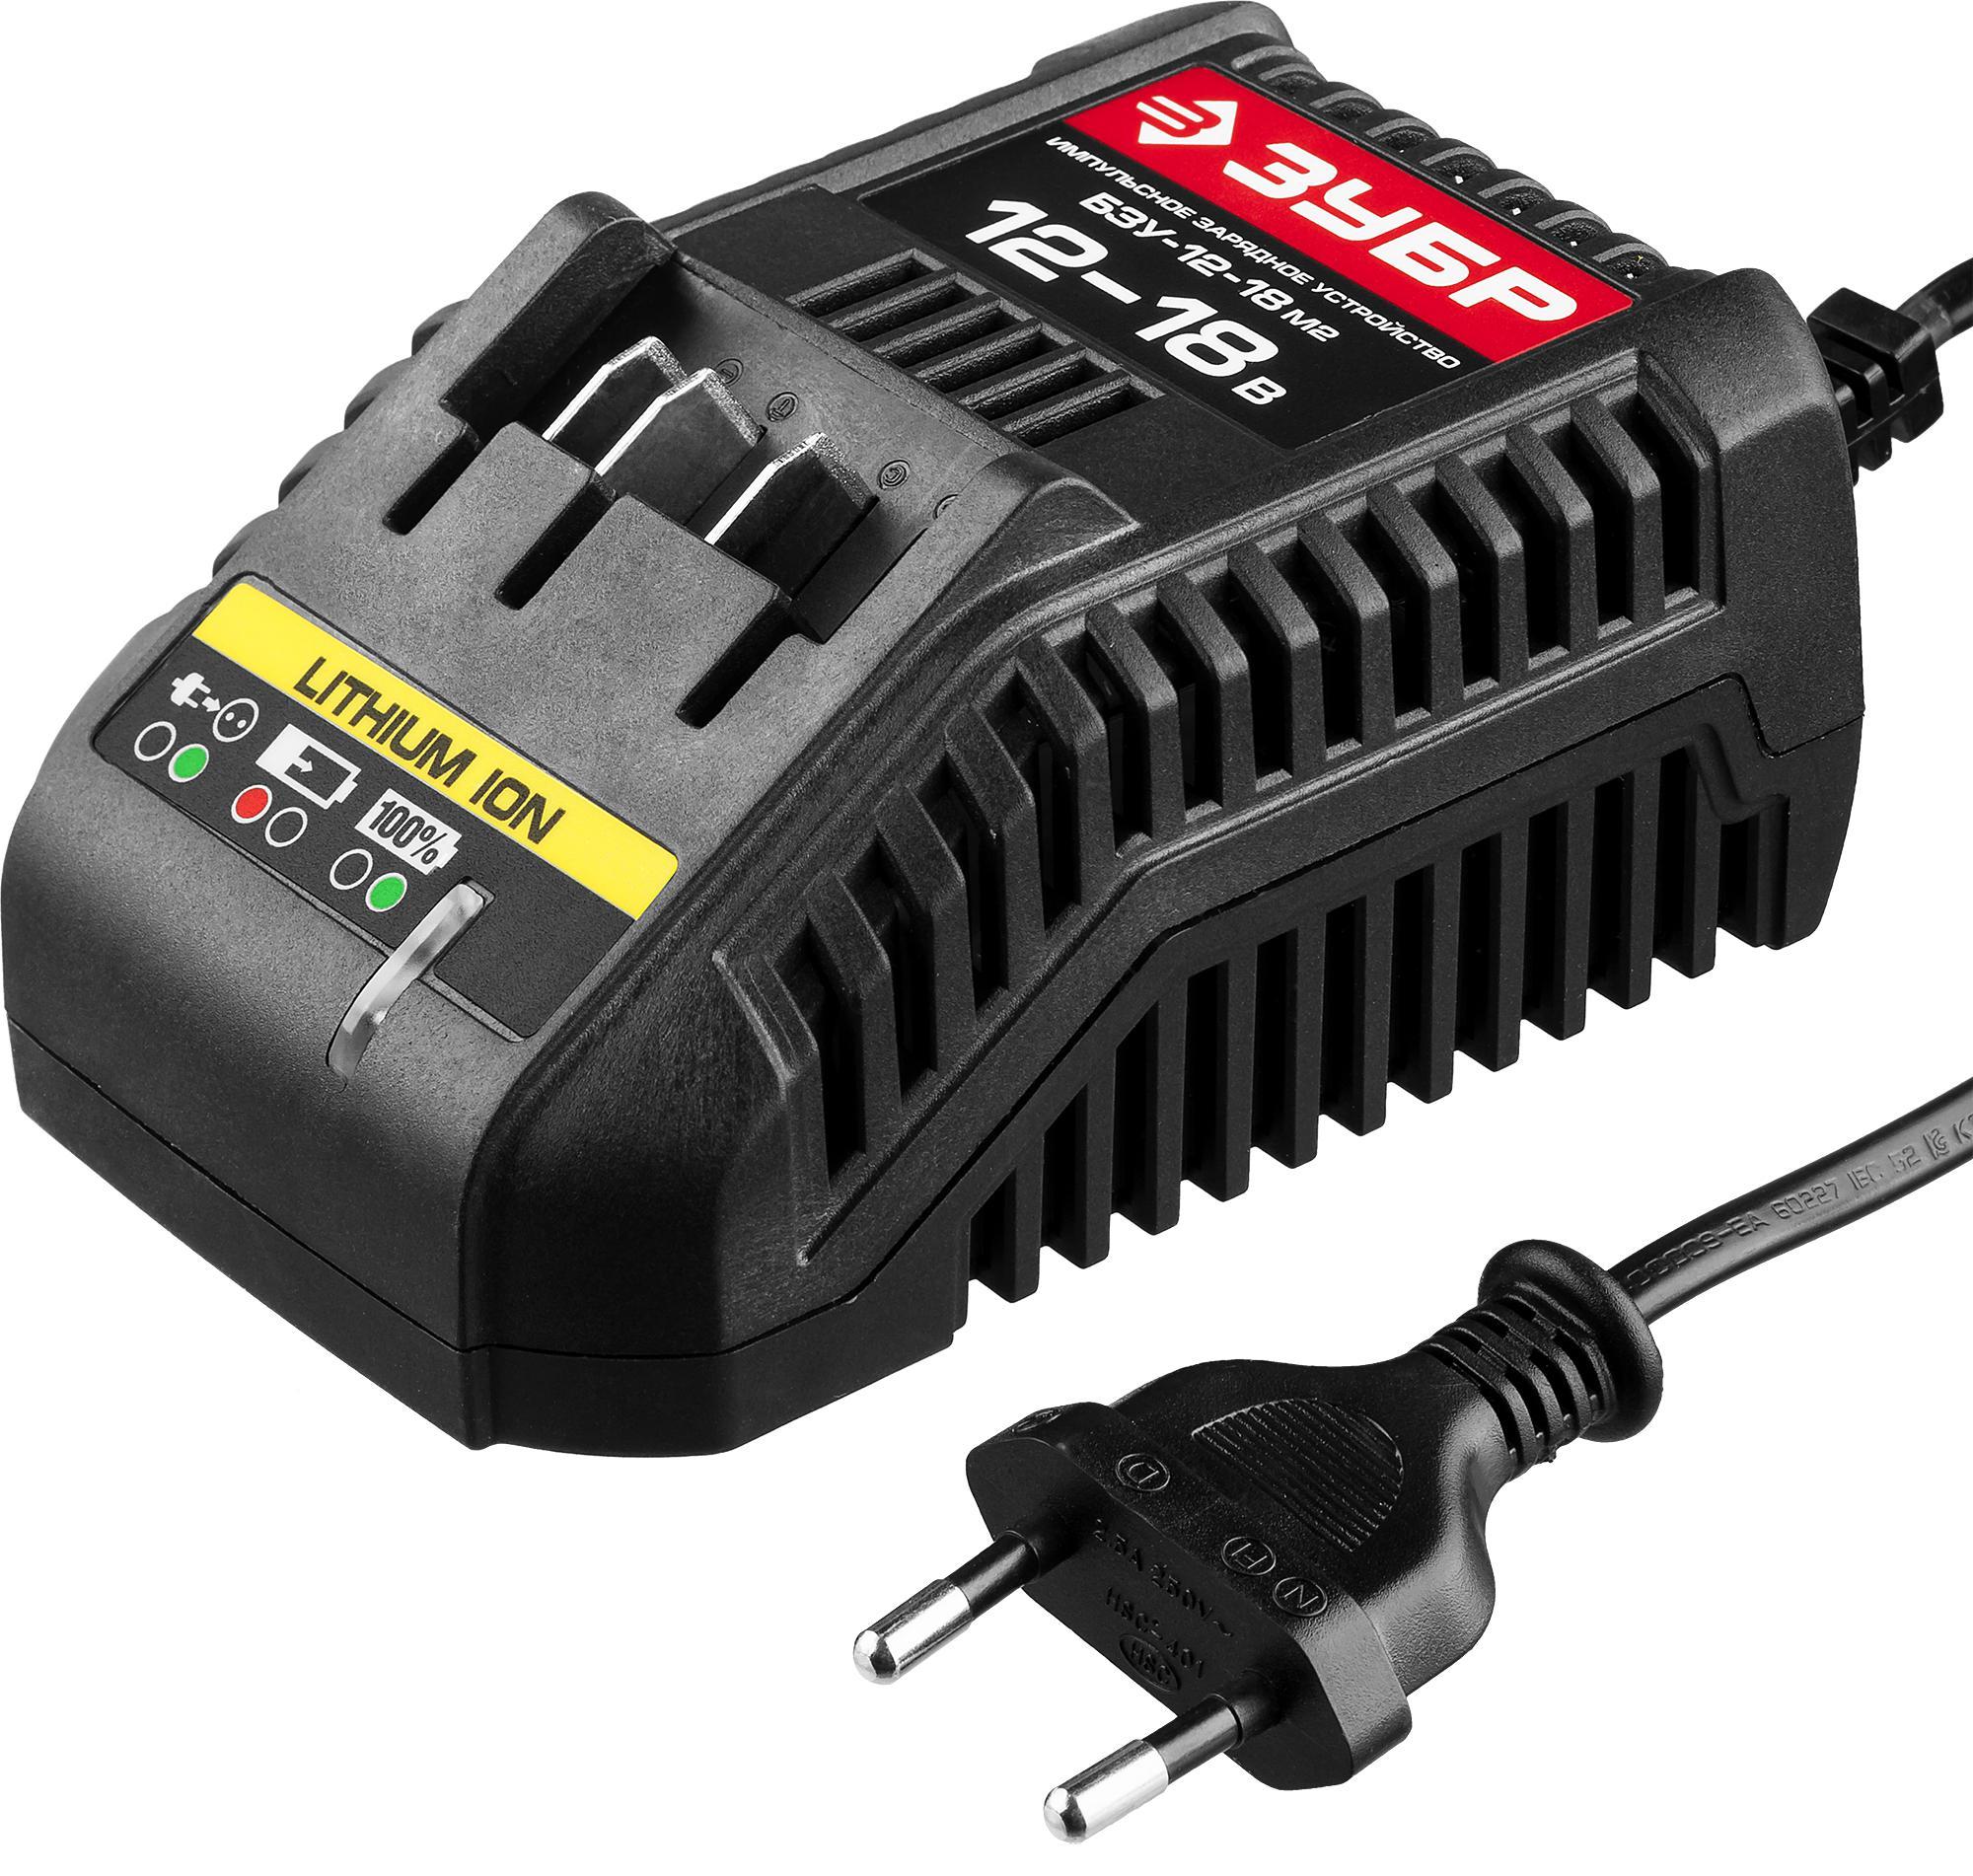 Зарядное устройство ЗУБР БЗУ-12-18 М2 зарядное устройство зубр 6в 12в 4а профессионал 59300